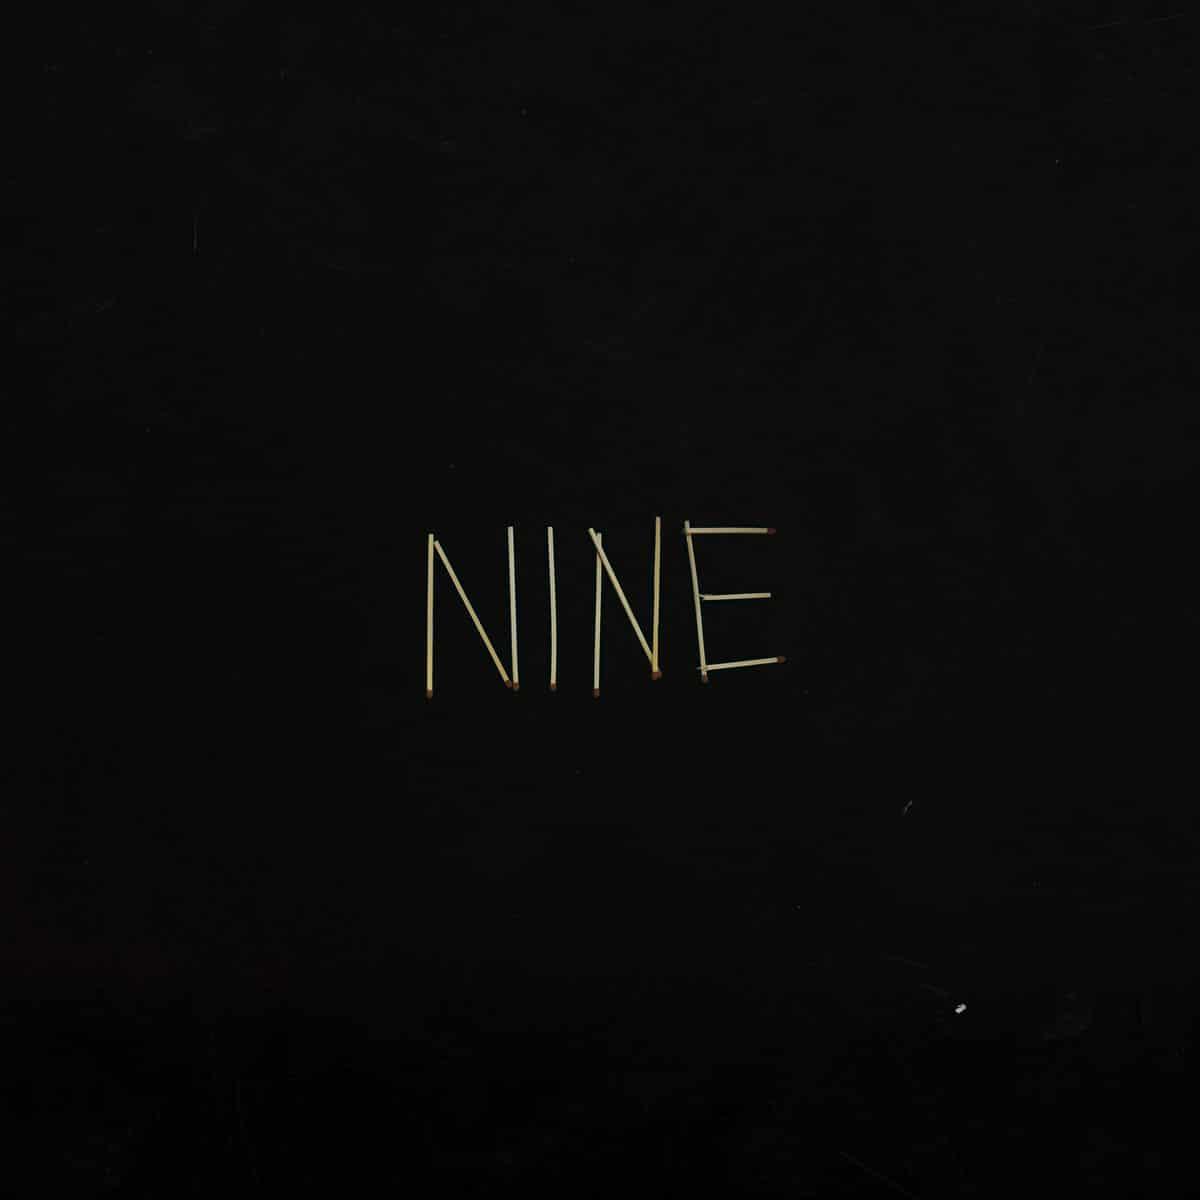 Sault Nine